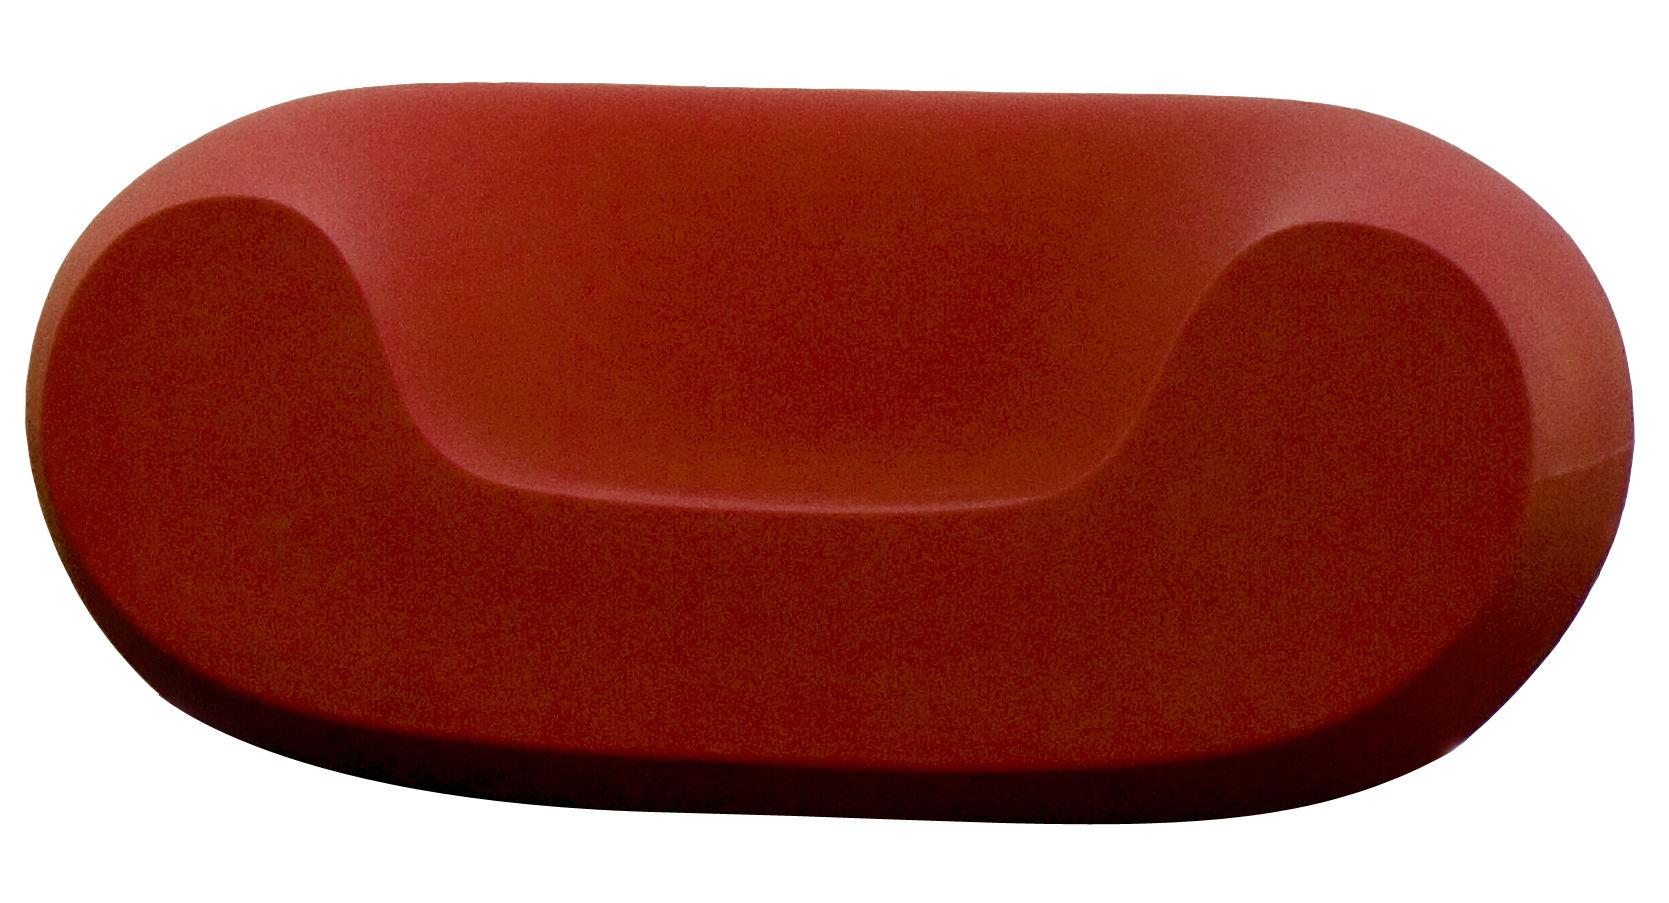 Möbel - Möbel für Teens - Chubby Lounge Sessel - Slide - Rot - Polyäthylen